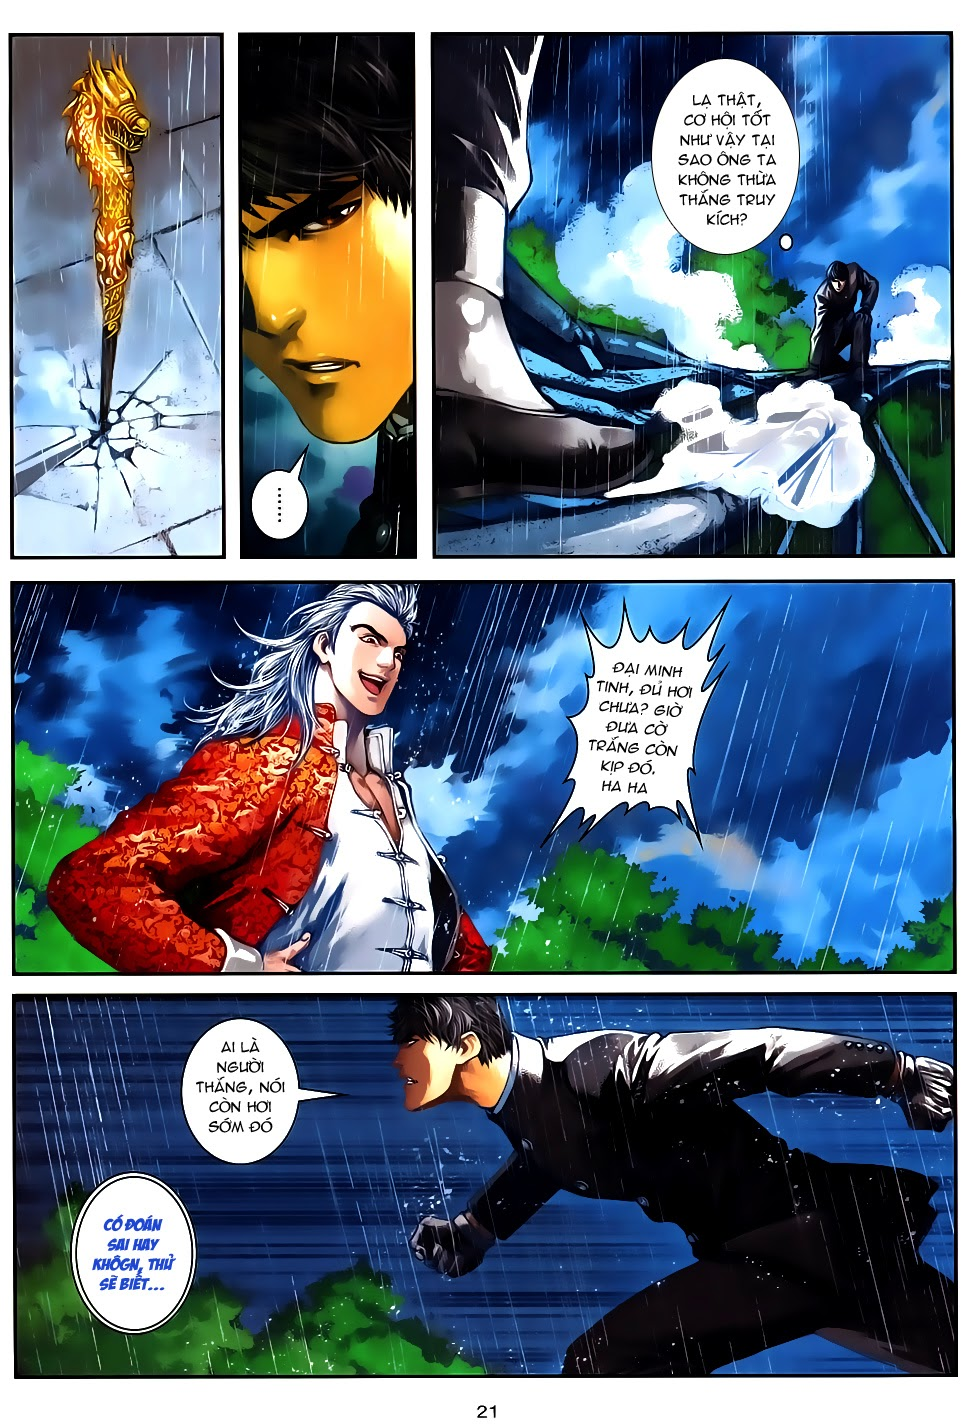 Quyền Đạo chapter 12 - end trang 21